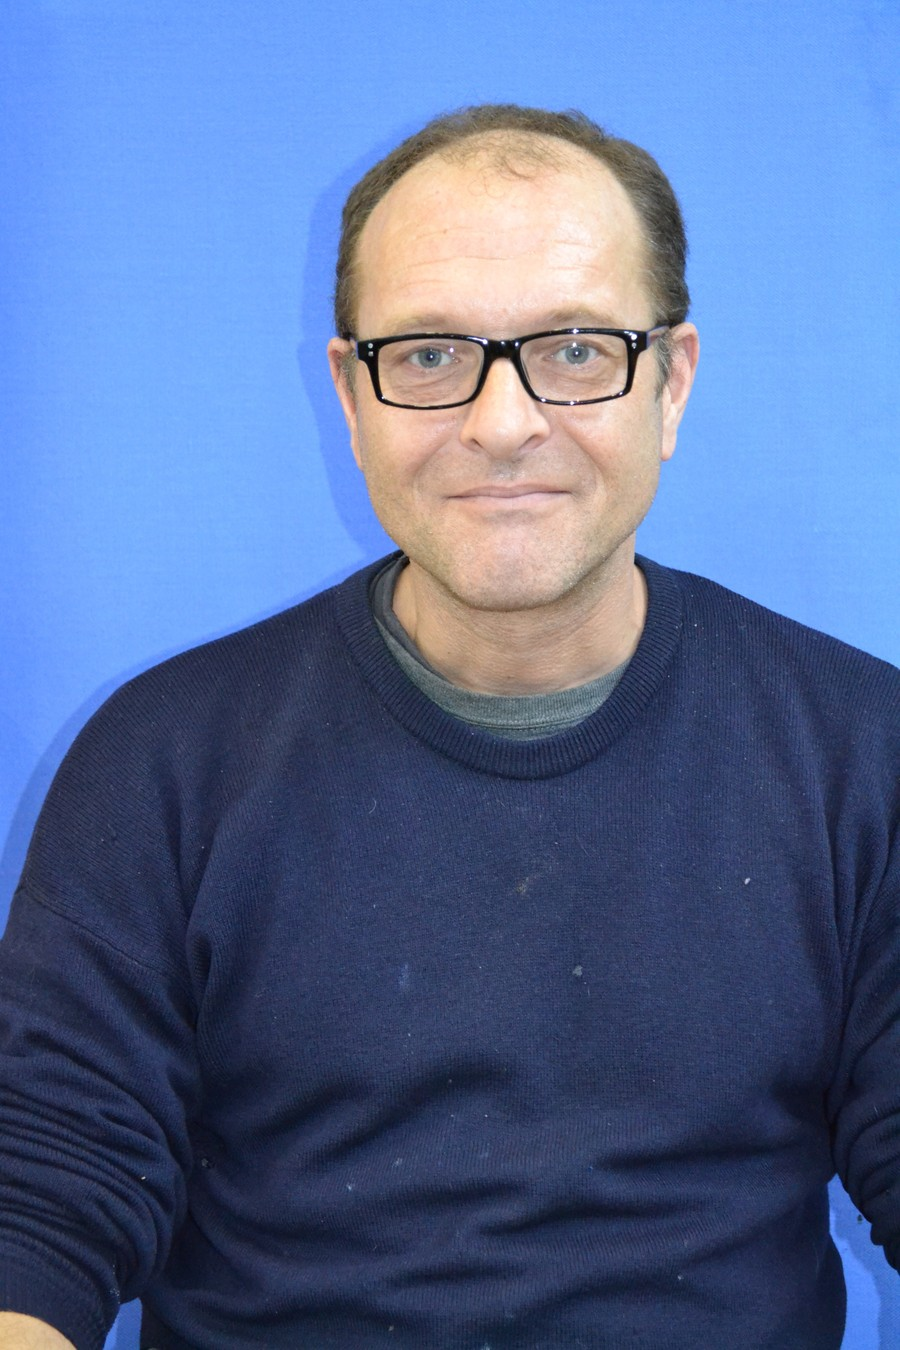 Tony Arkell